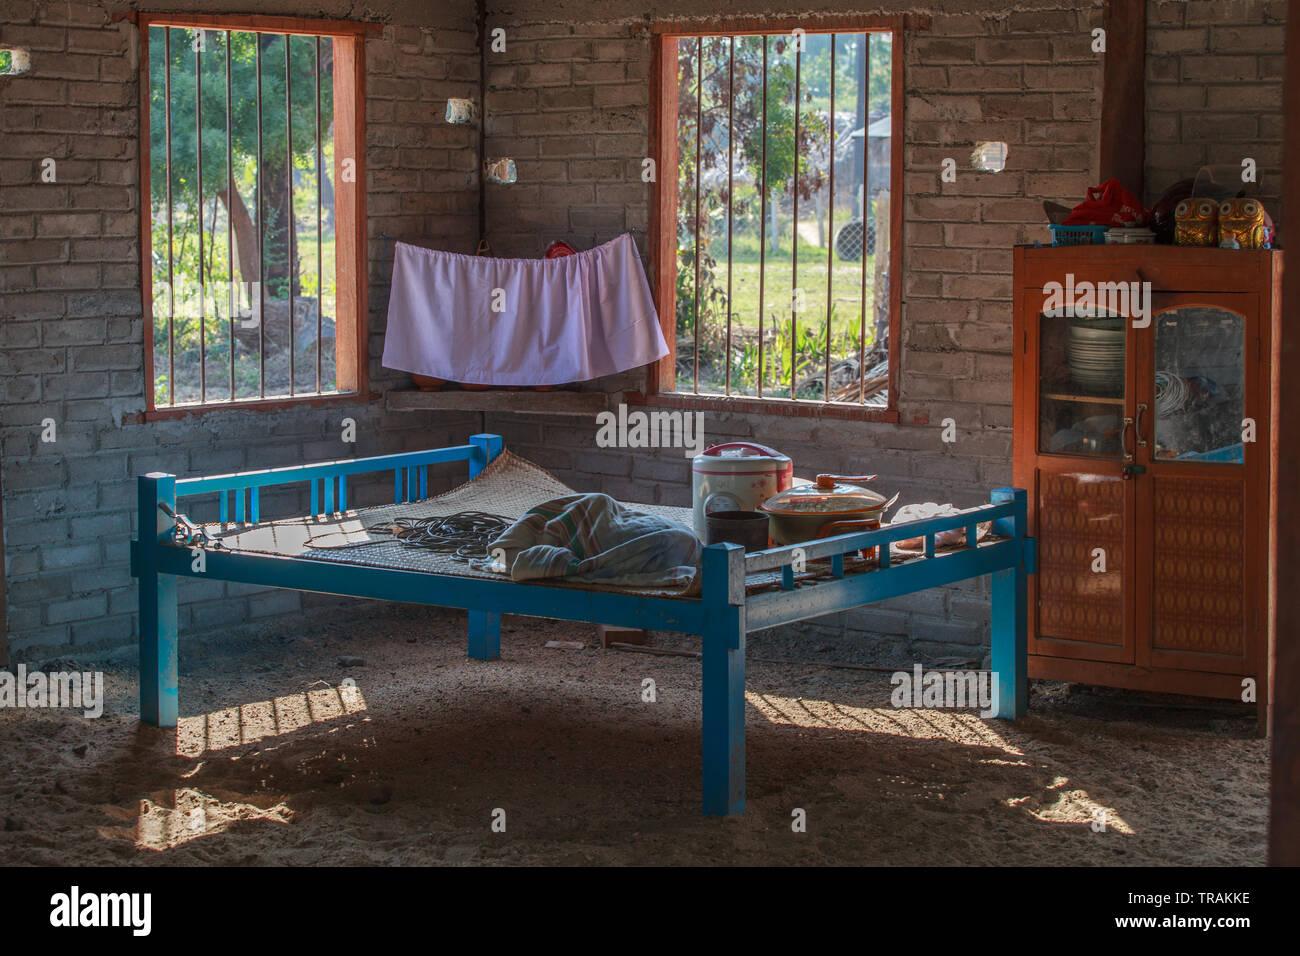 La vie dans le village: intérieur d'une maison de campagne typiques Birmans Photo Stock